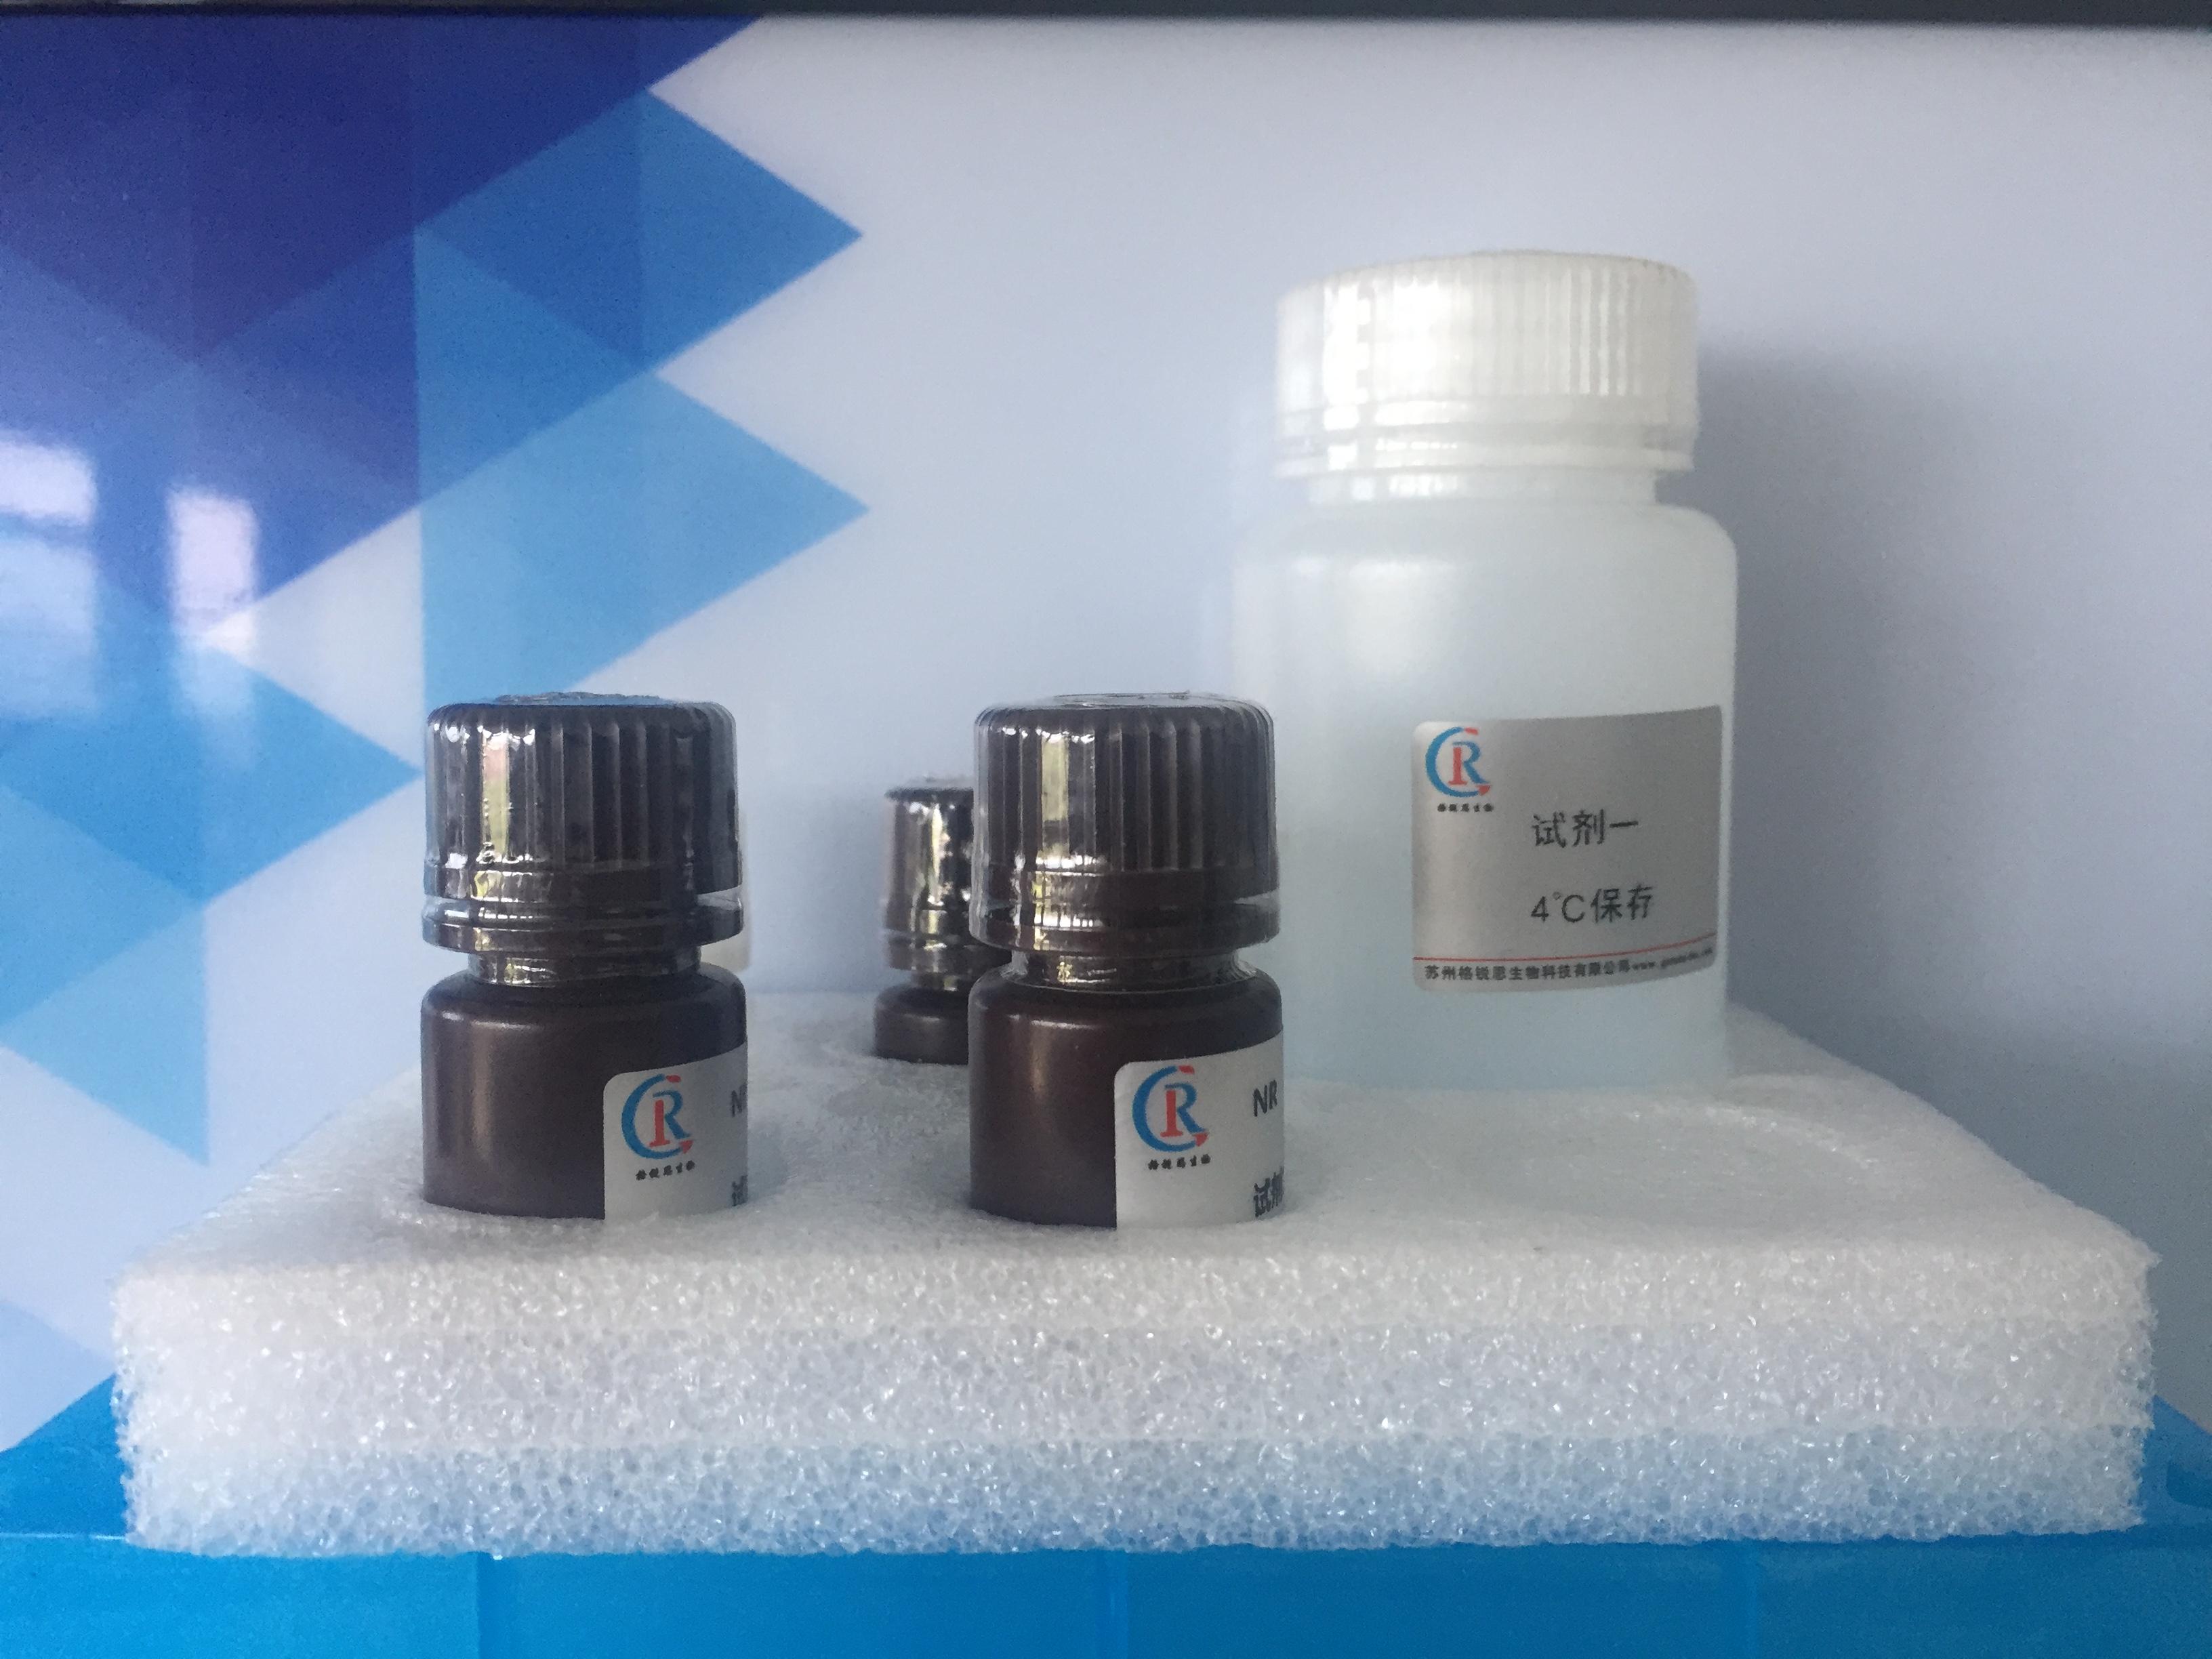 谷氨酰胺(Gln)含量试剂盒